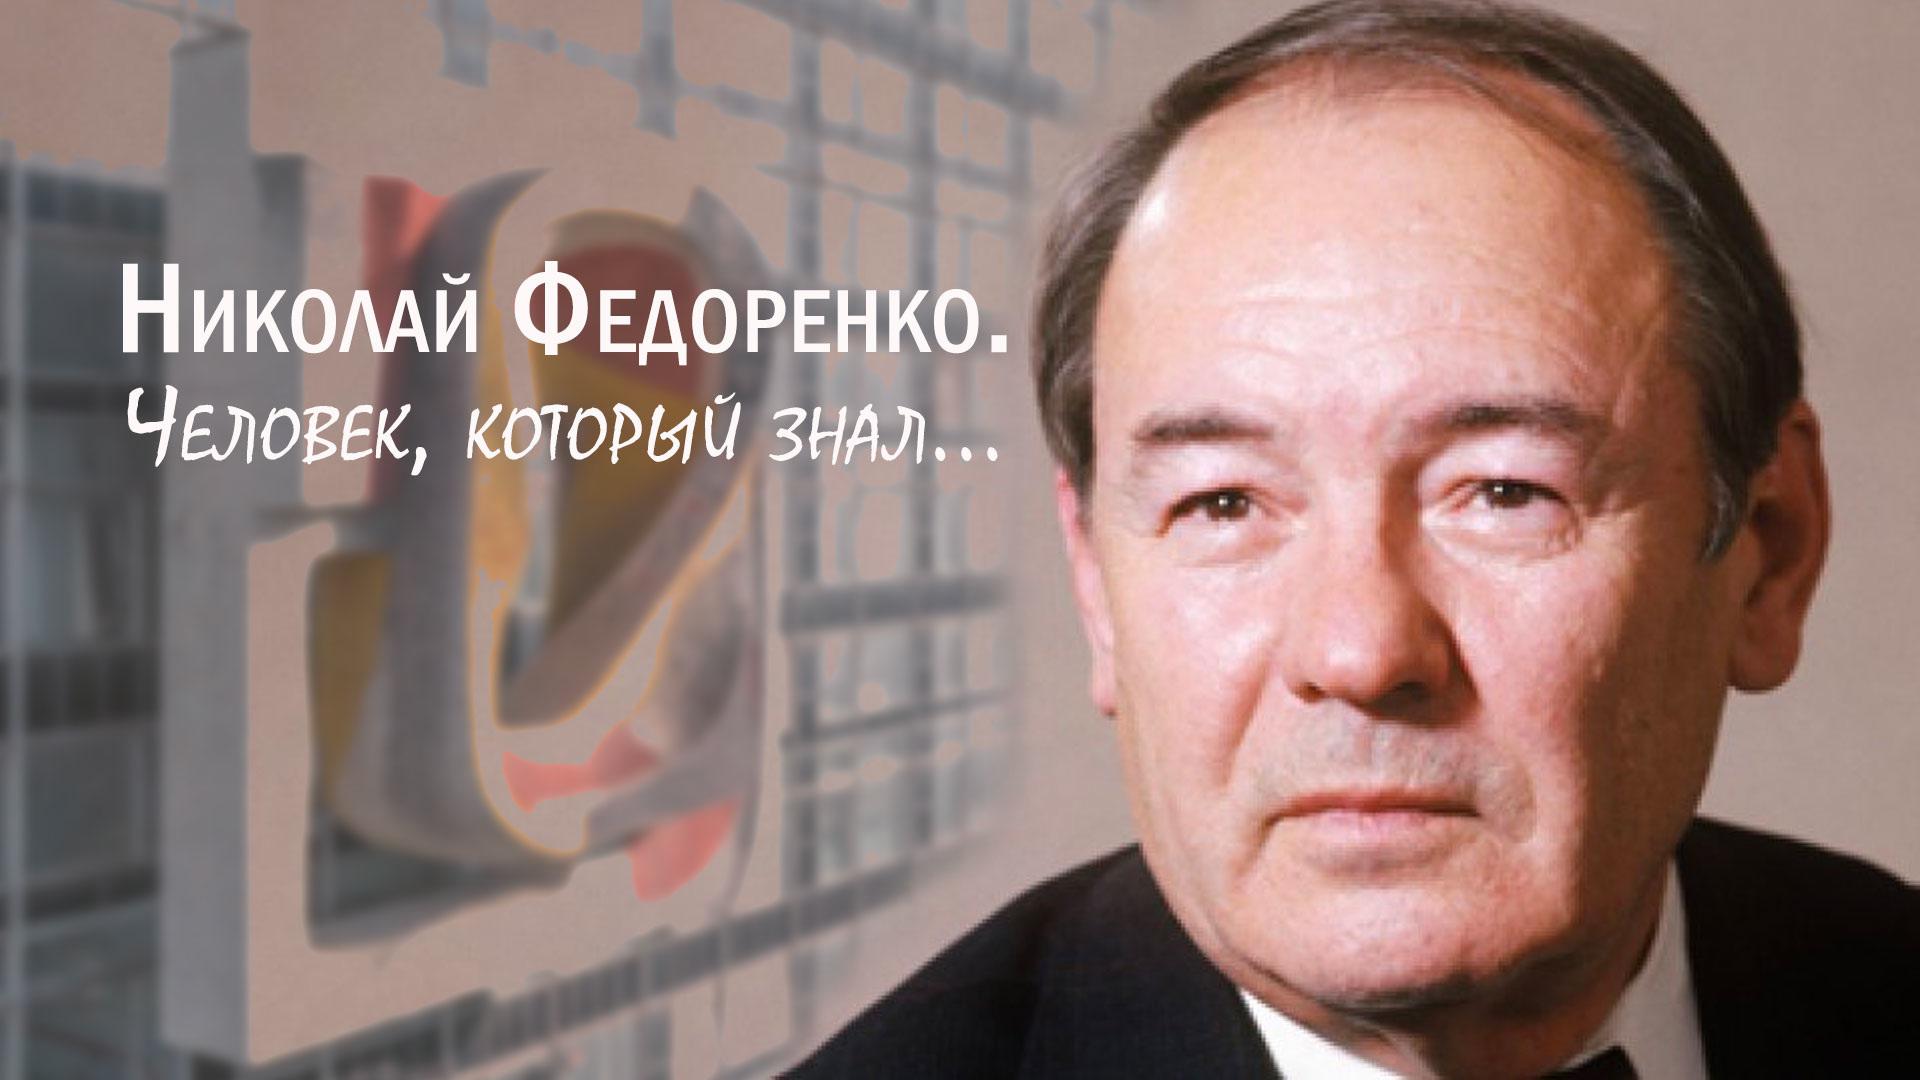 Николай Федоренко. Человек, который знал...